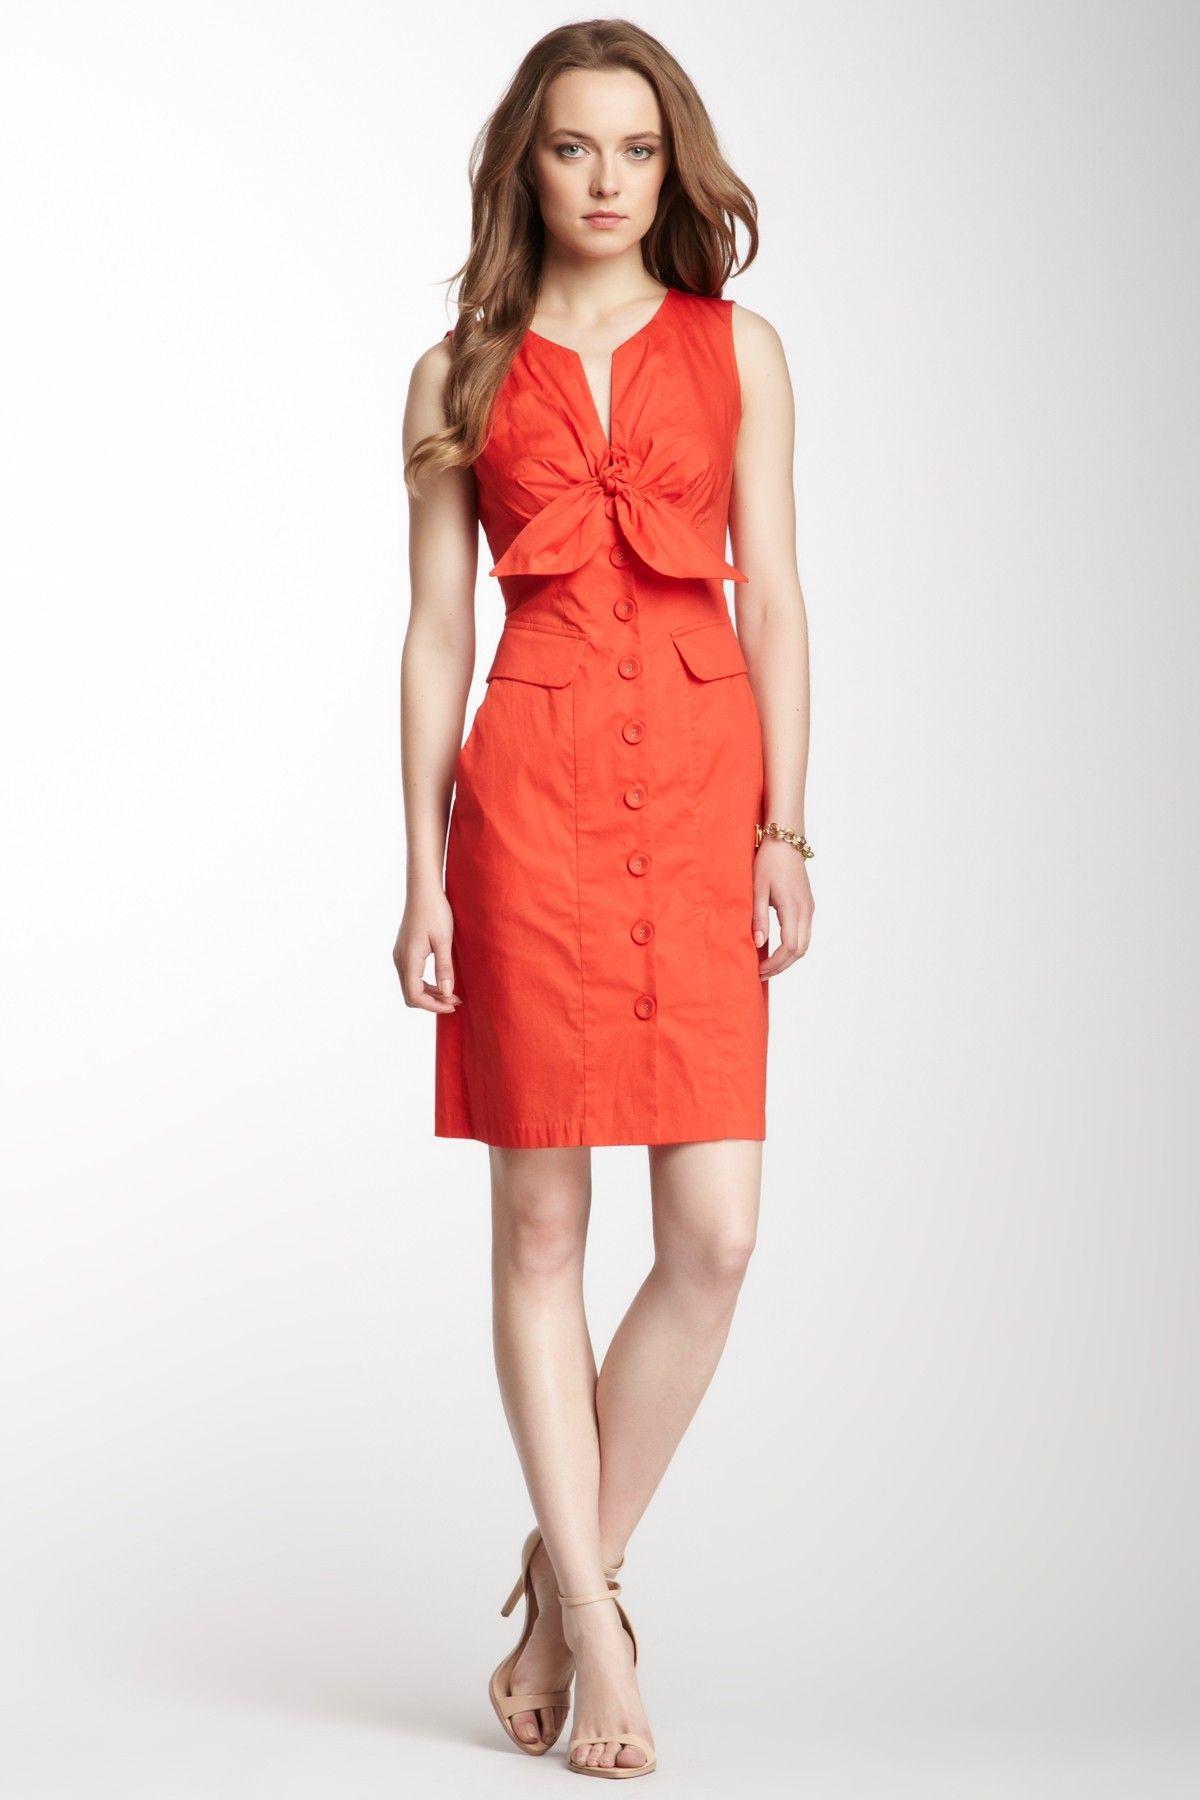 Orange dress casual  Nanette Lepore Mi Amor Dress  My love  Pinterest  Amor Nanette